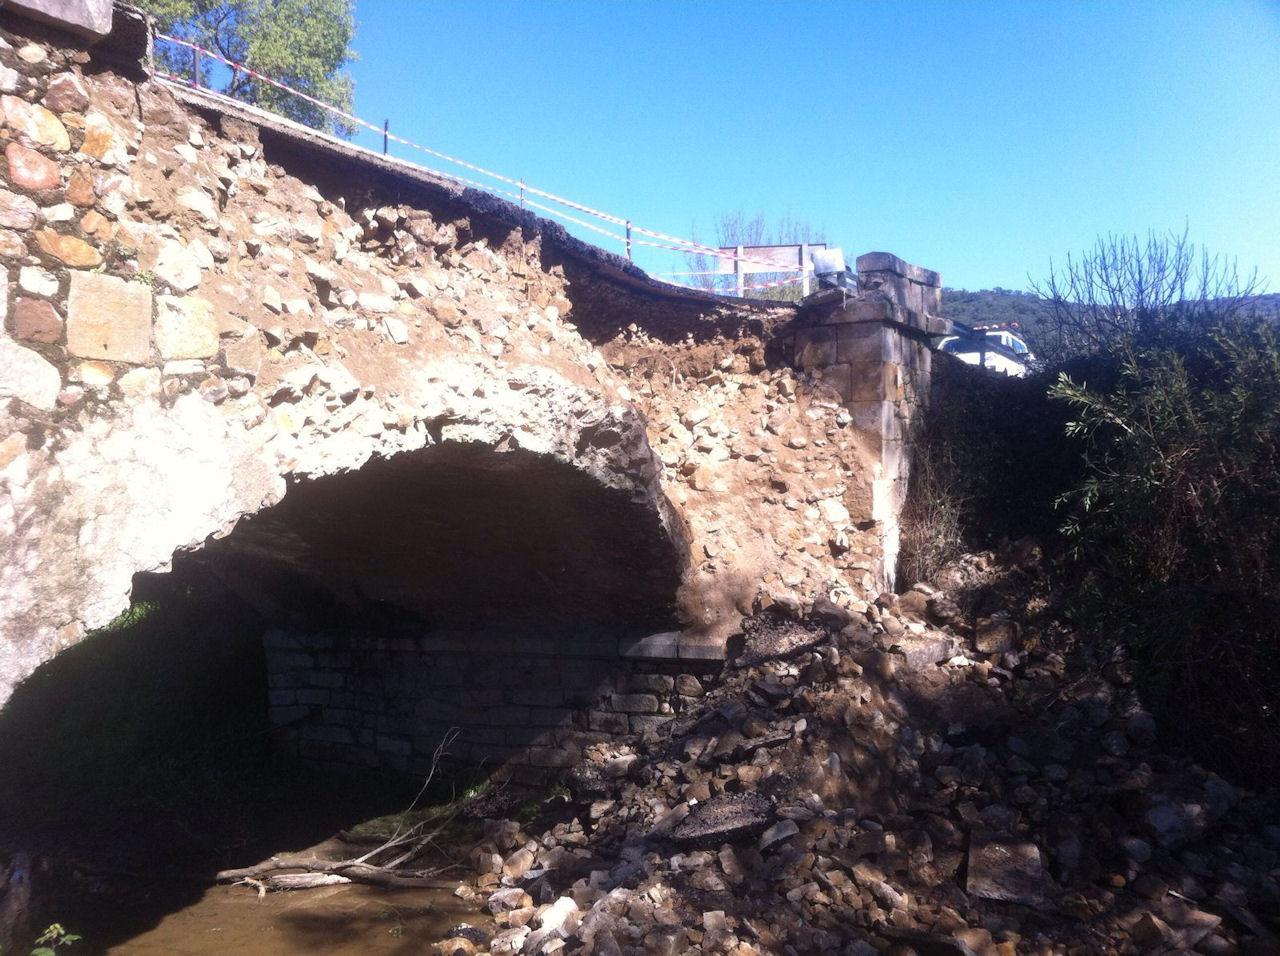 Restablecido el tráfico en la carretera de Algar al Puerto Galis al repararse tras un desprendimiento